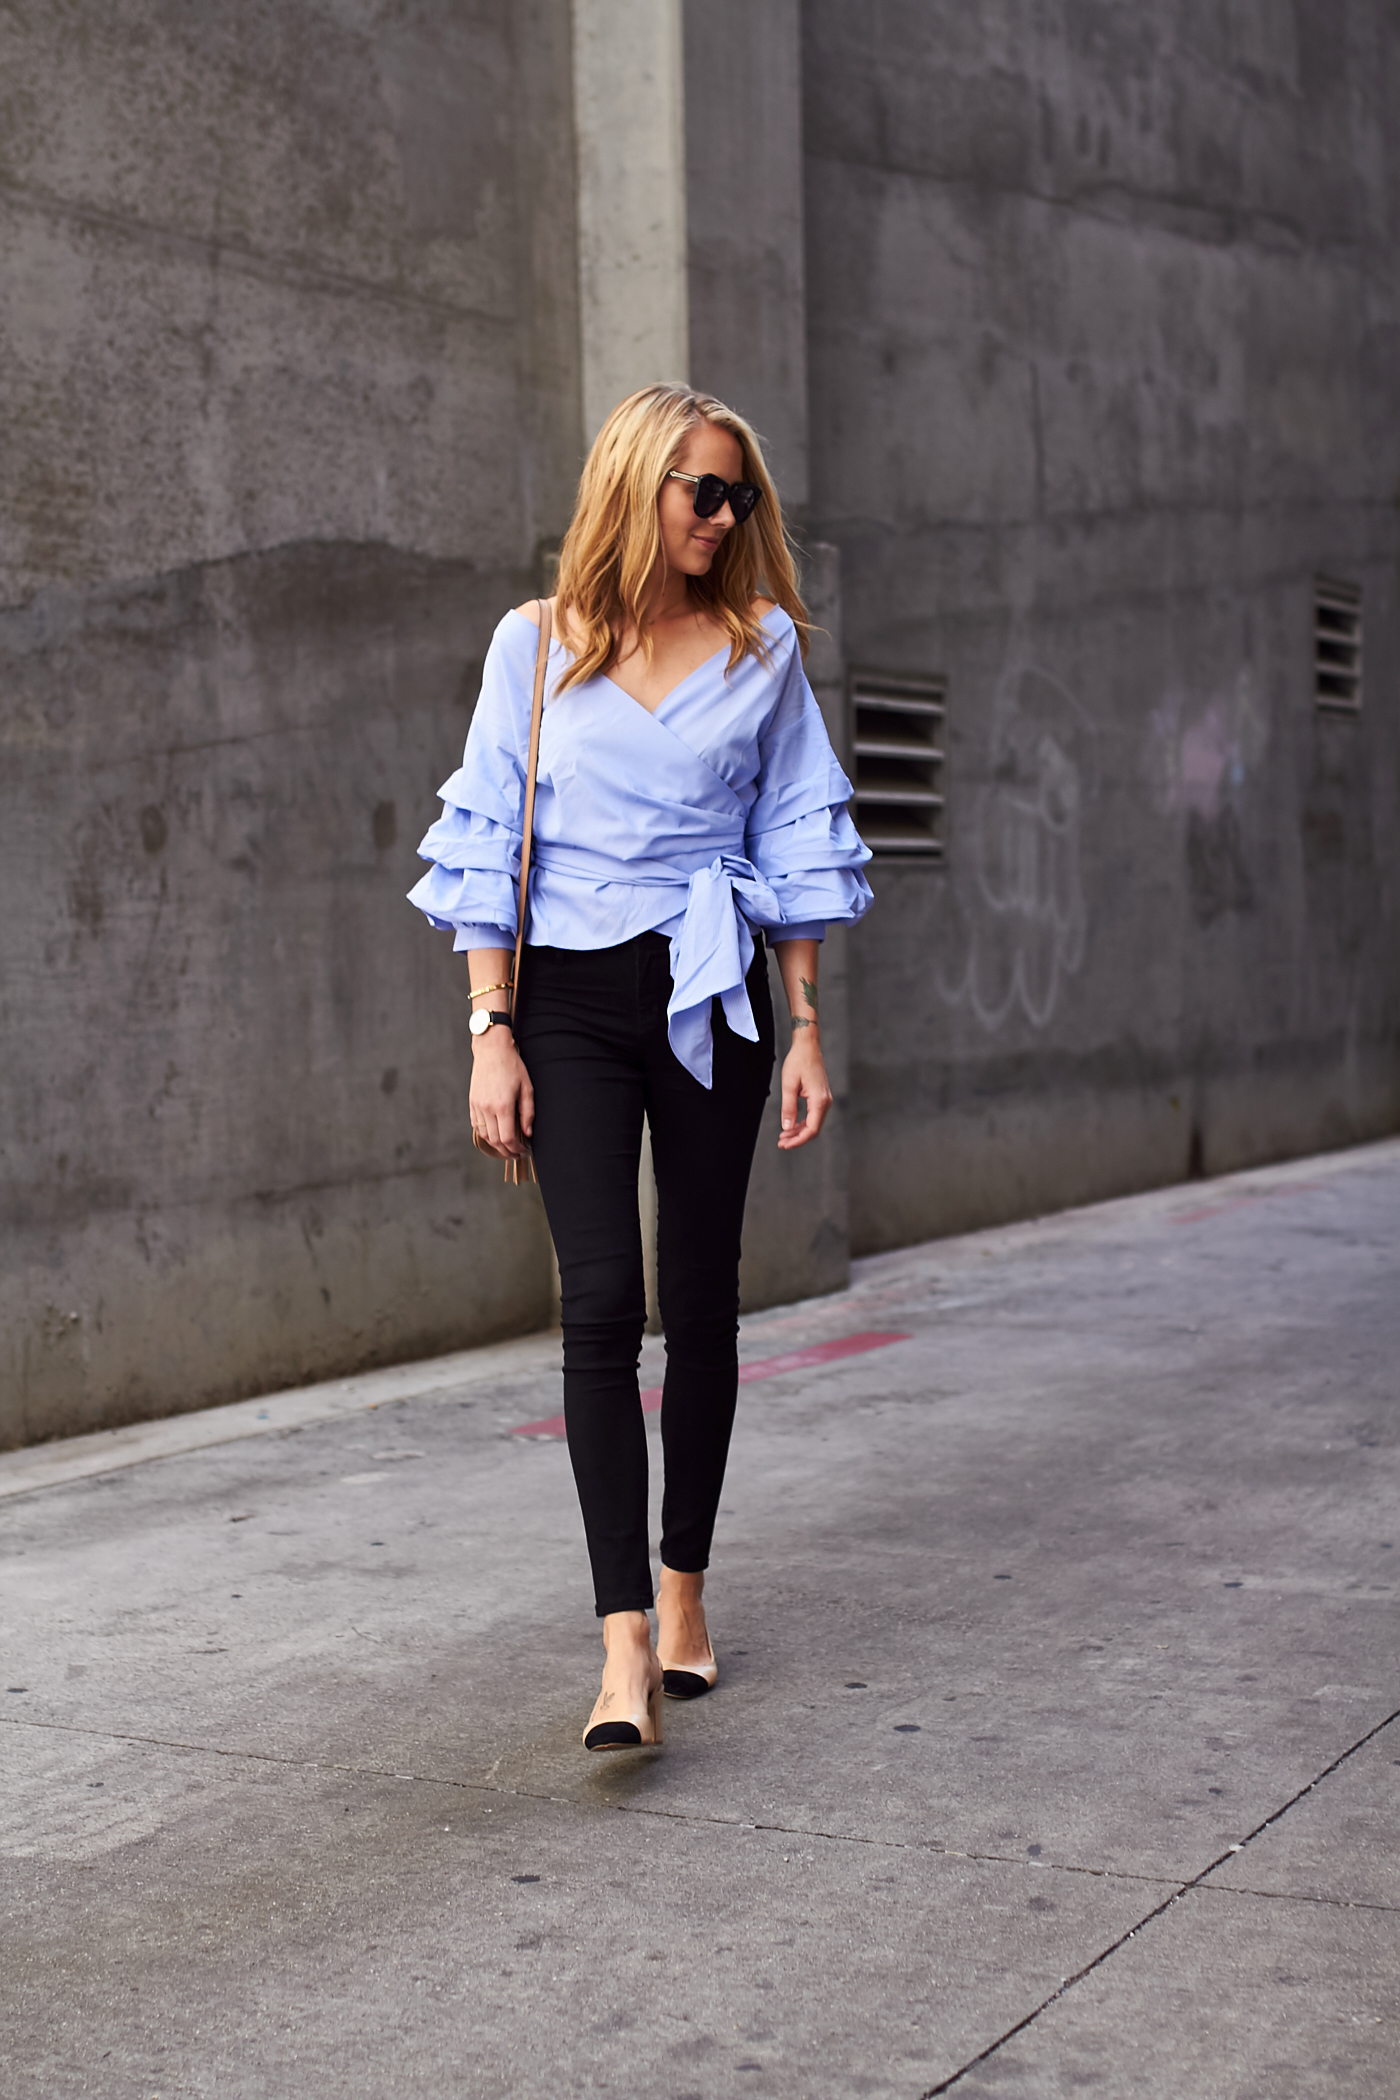 fashion-jackson-james-jeans-black-skinny-jeans-blue-ruffle-sleeve-wrap-top